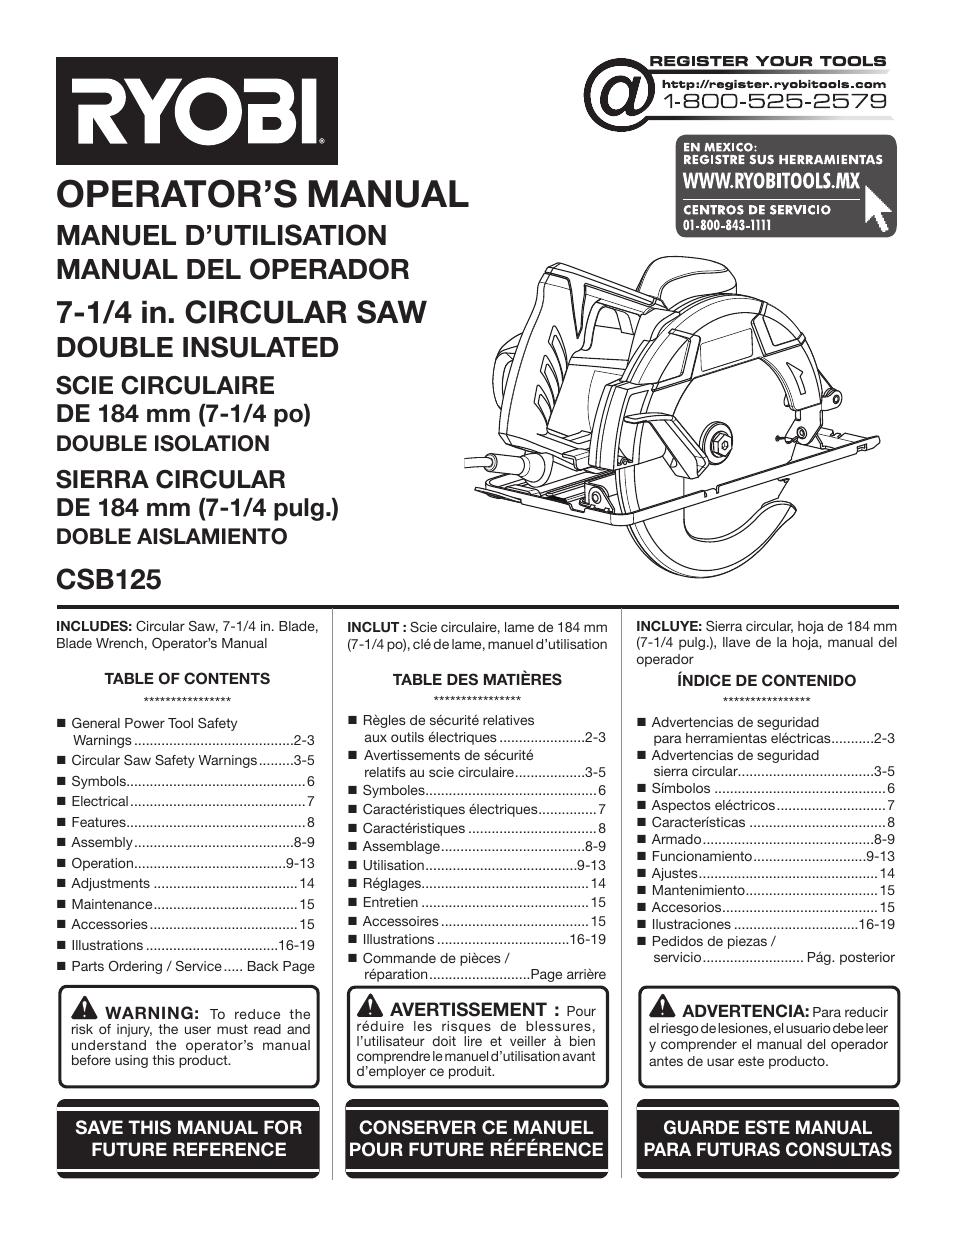 ryobi csb125 user manual 48 pages original mode rh manualsdir com ryobi user manual download ryobi plt3043ye user manual